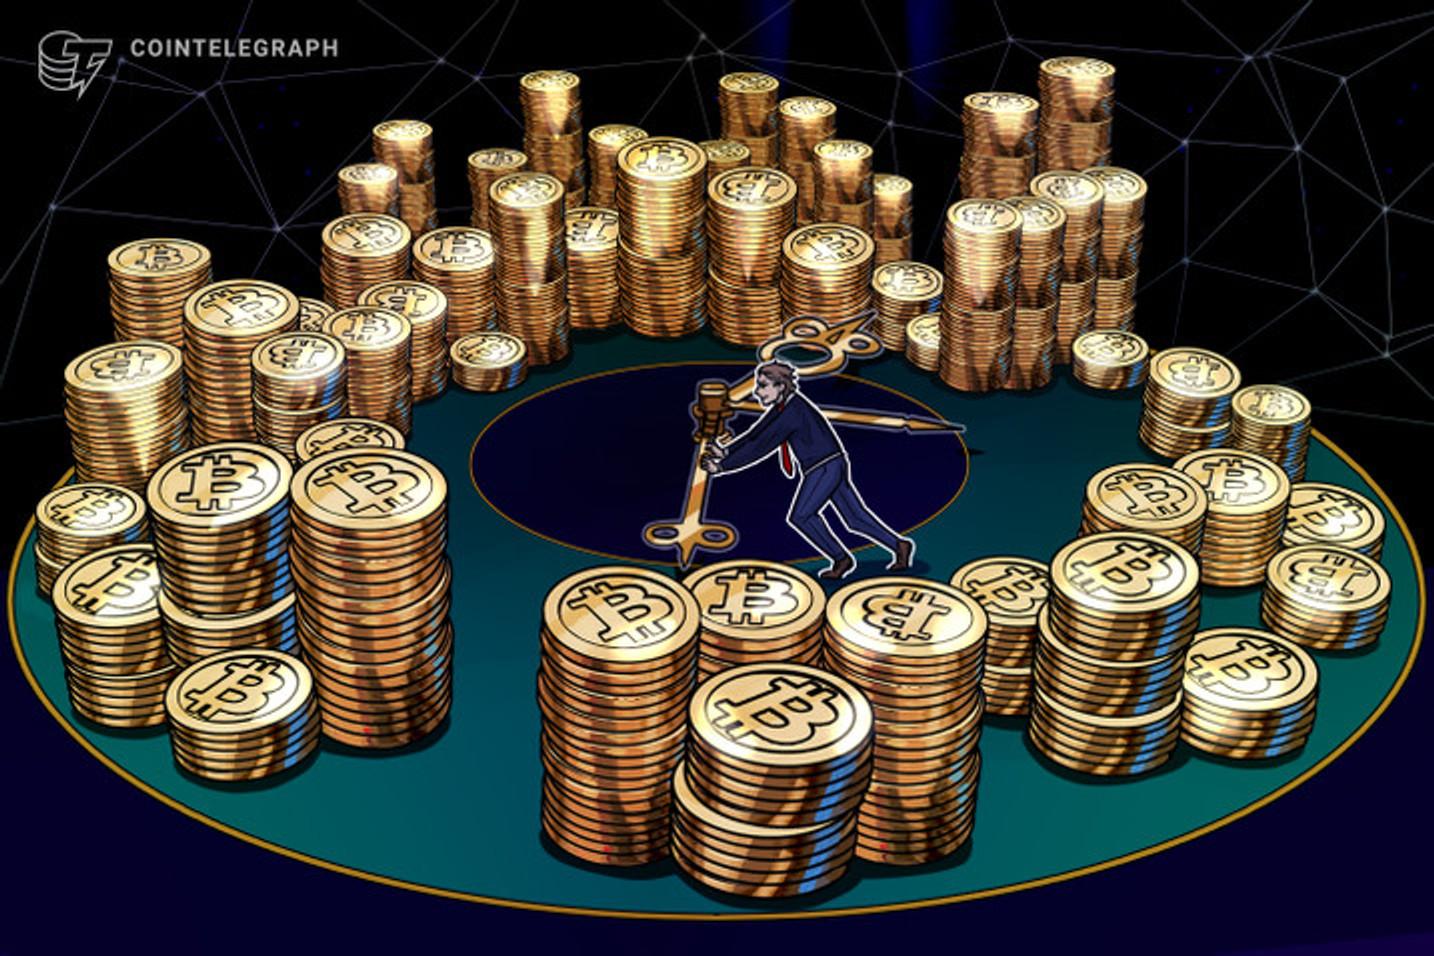 Especialistas da criptoesfera pregam paciência com queda brusca do Bitcoin e dizem que tendência de alta ainda é válida